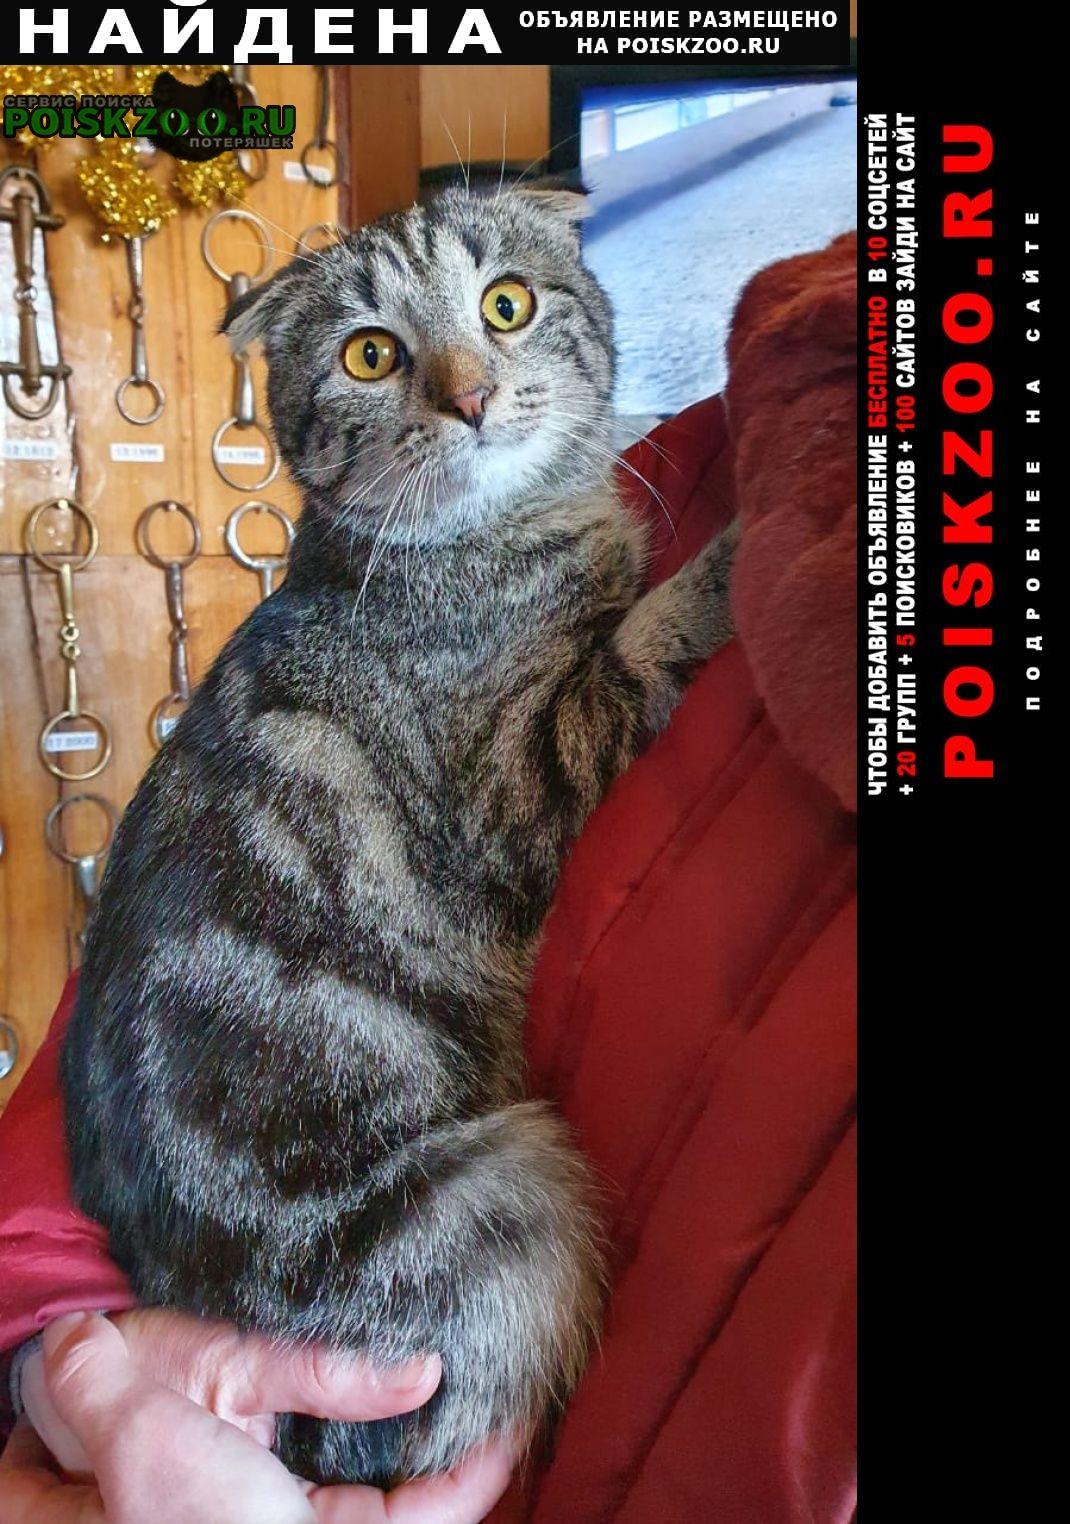 Найдена кошка шотландская вислоухая девочка Москва